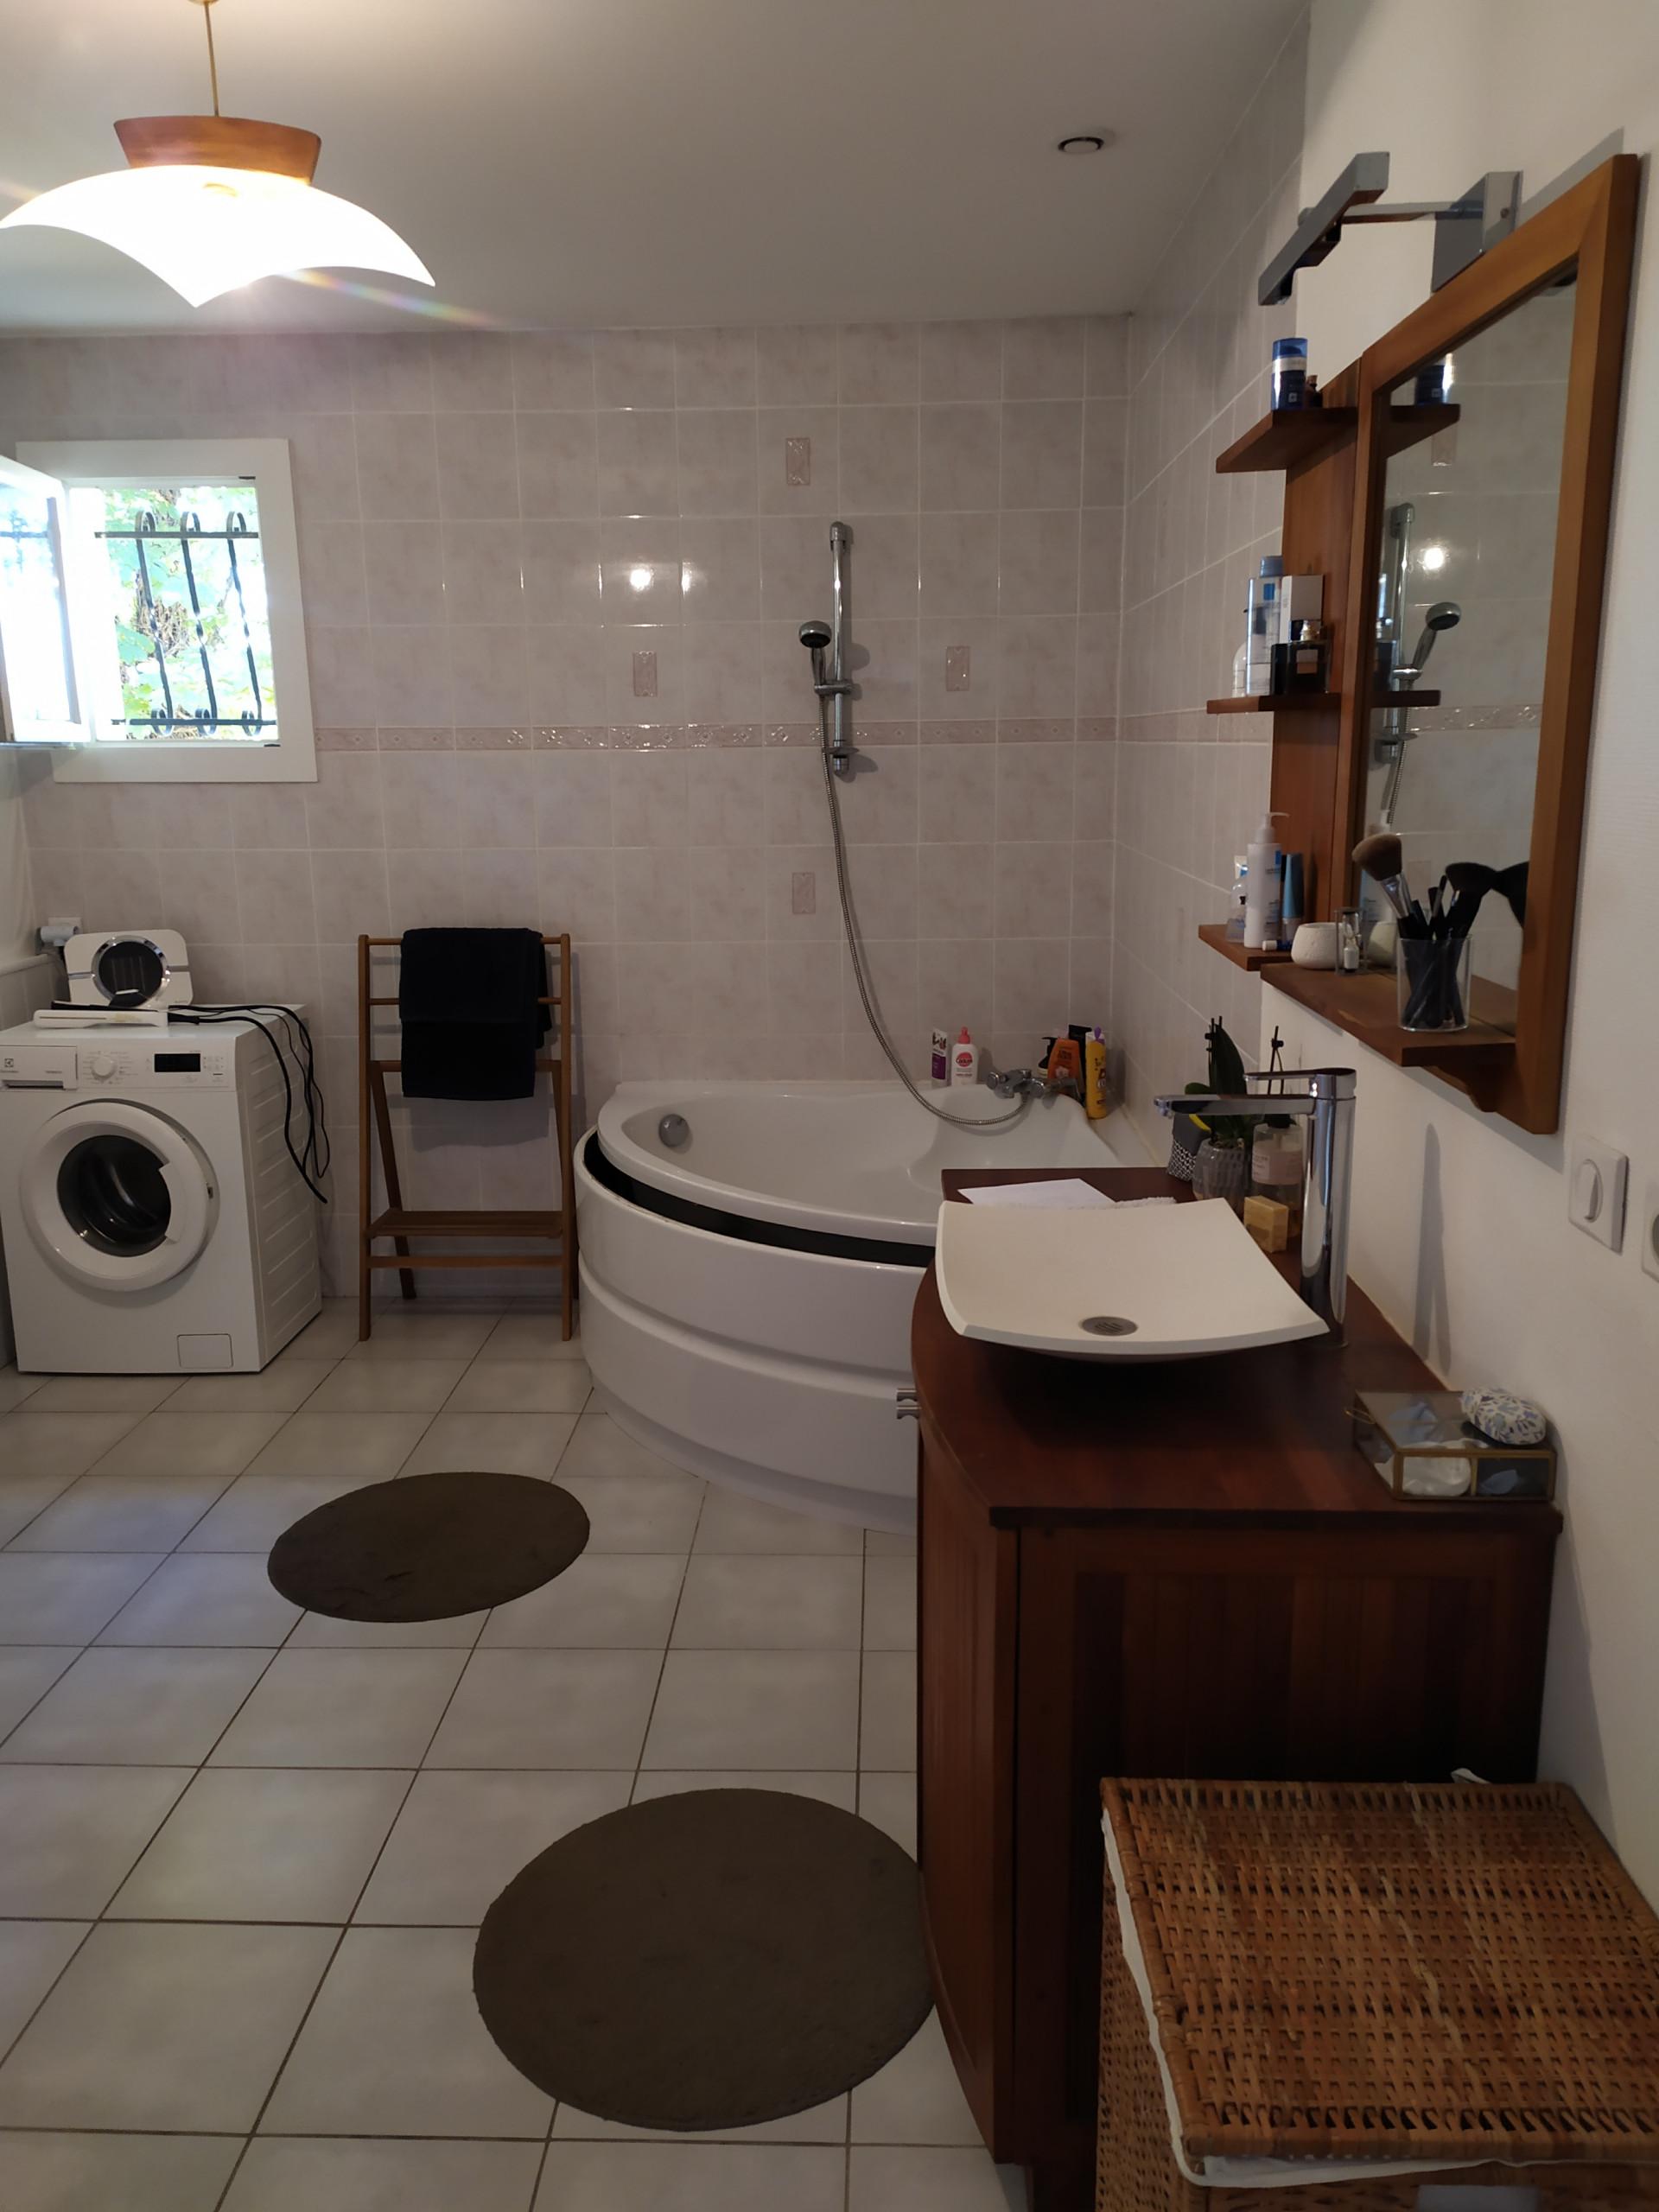 Aménagement d'une salle de bain avec WC séparé et réaménagement des couloirs